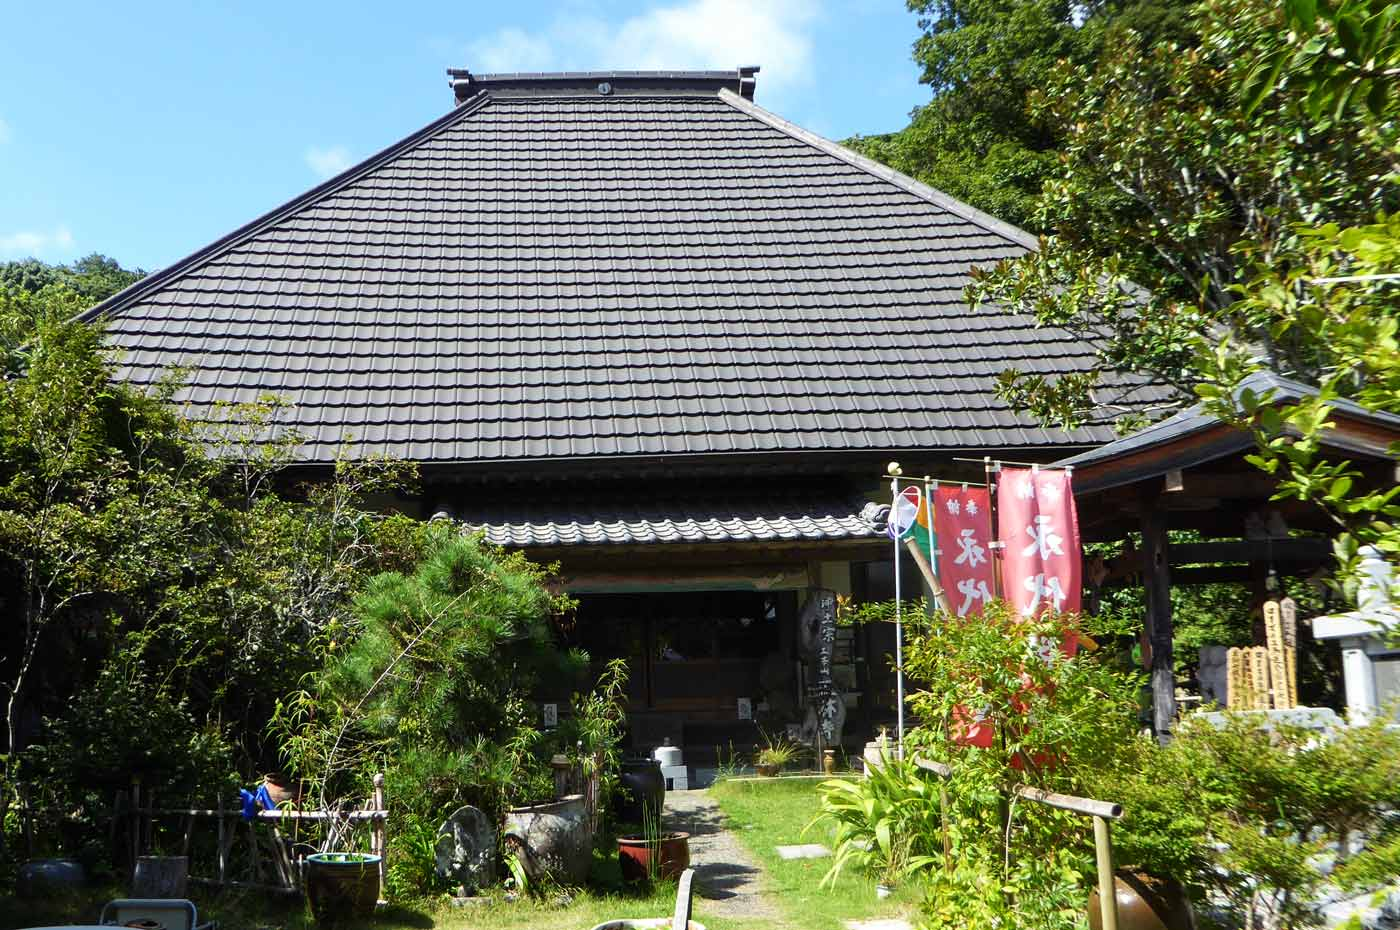 正林寺本堂の画像